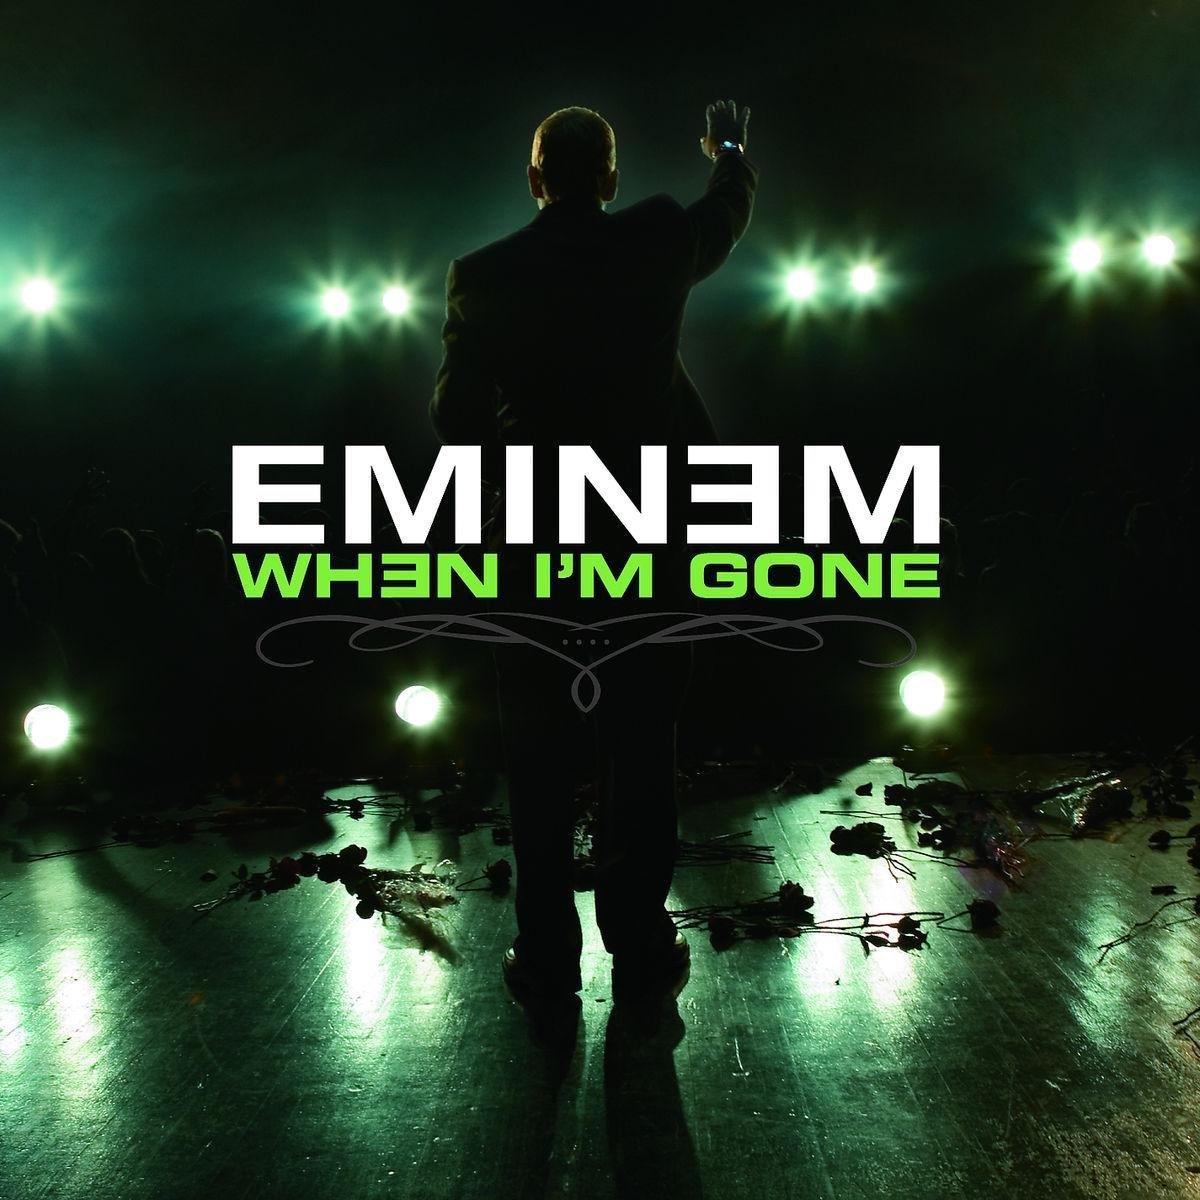 Eminem - When I'm Gone mp3 download